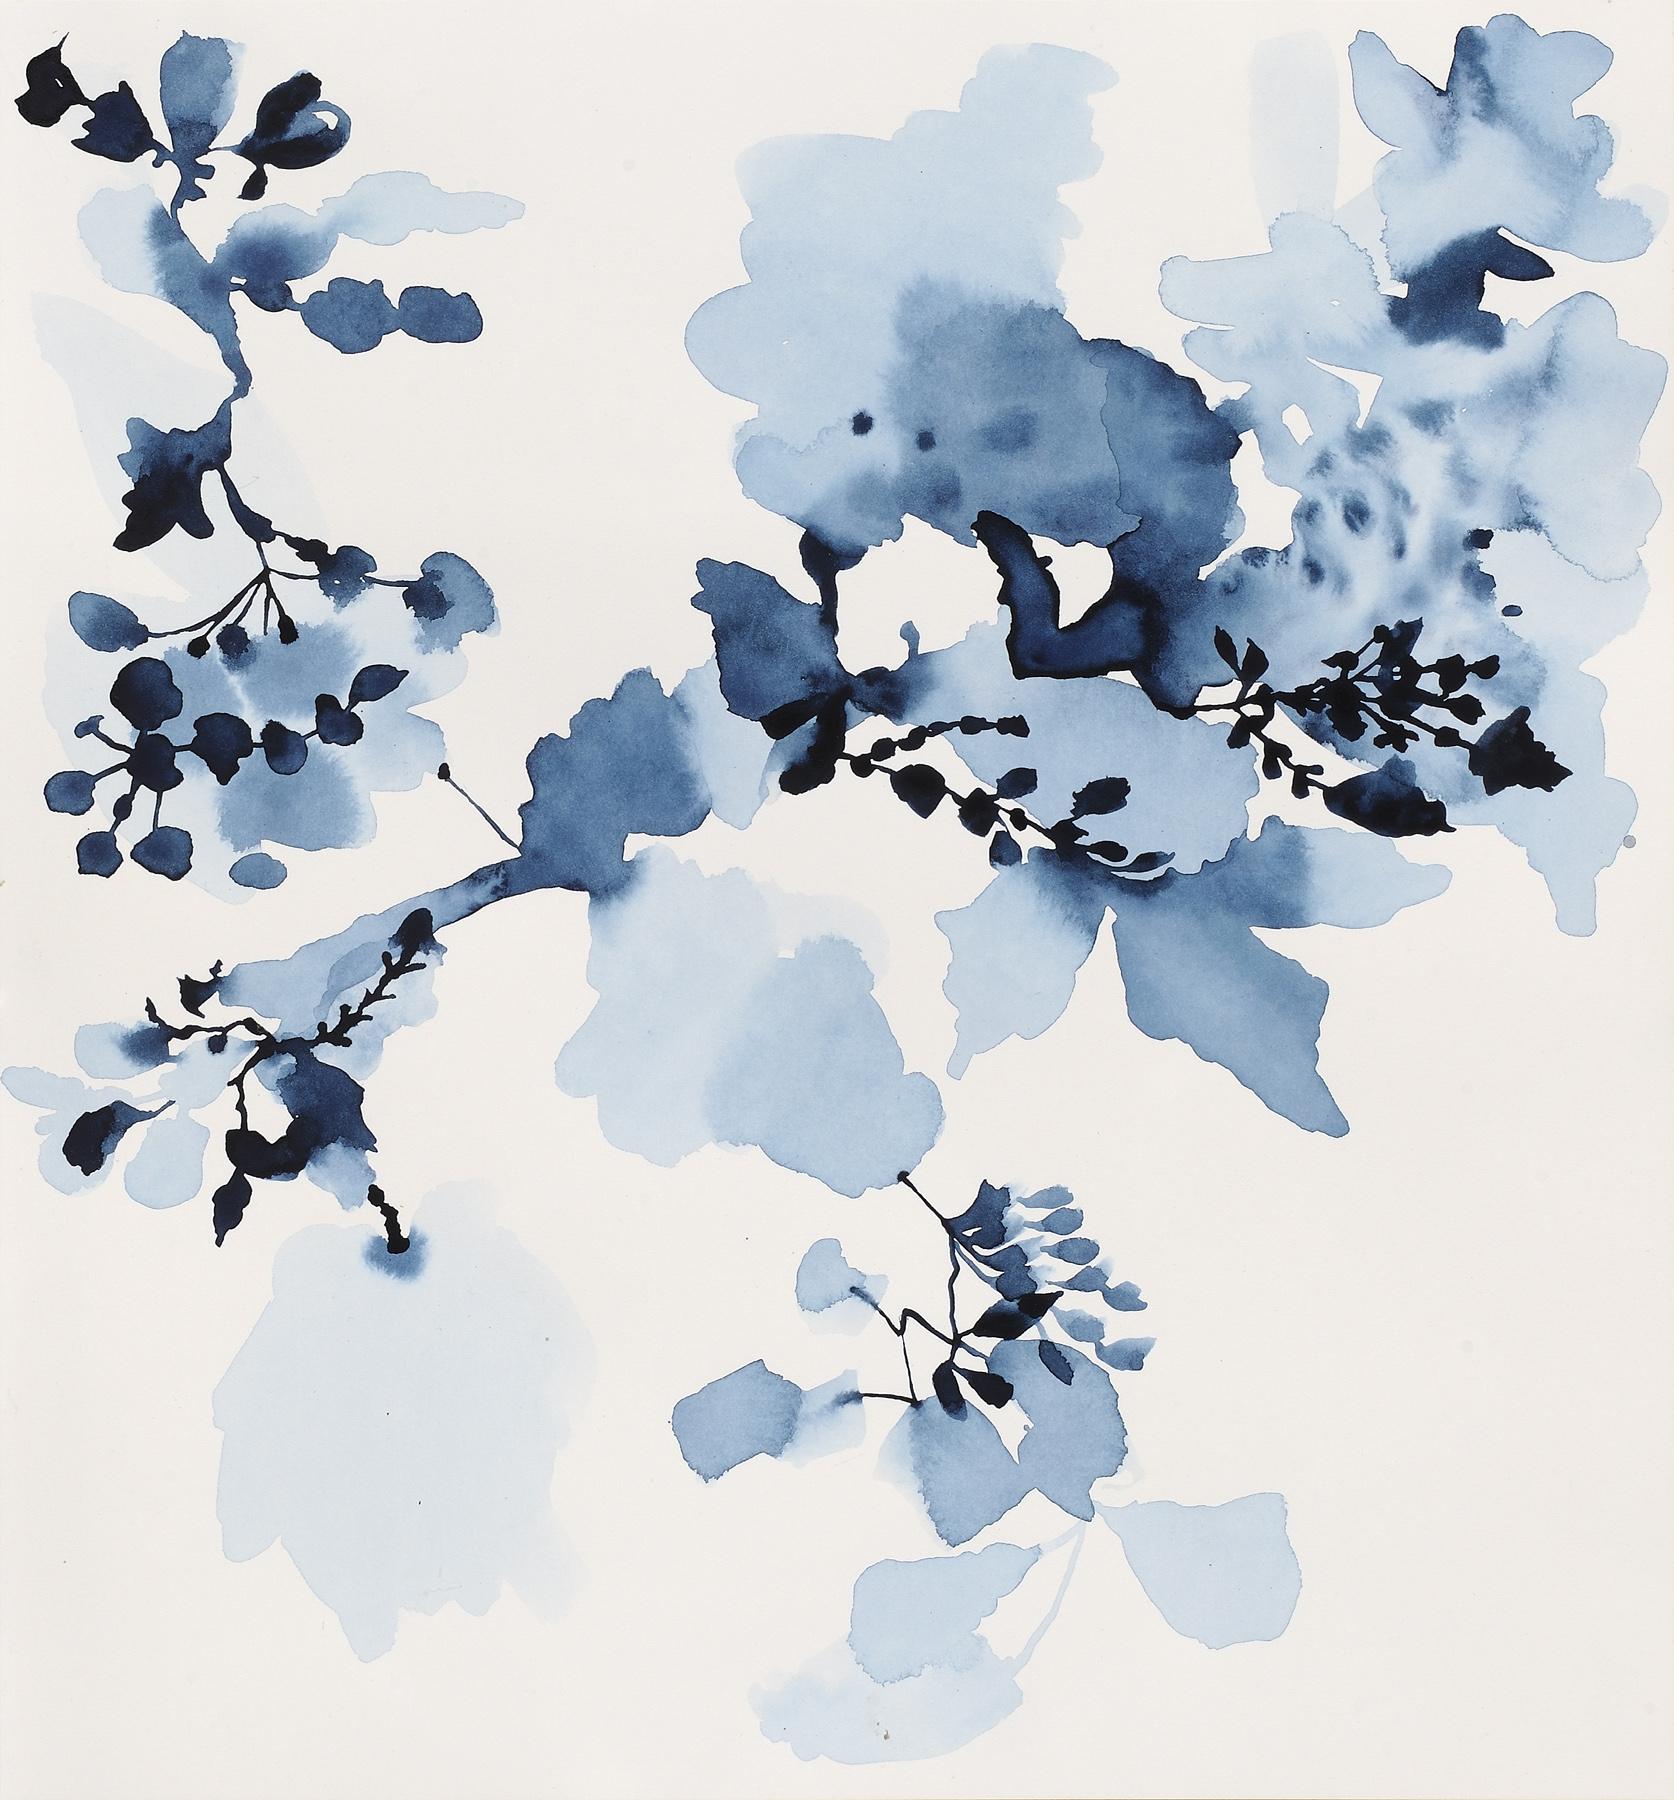 """Indigo Rock - 9, 2013, watercolor on paper, 15.25 x 16.5"""""""